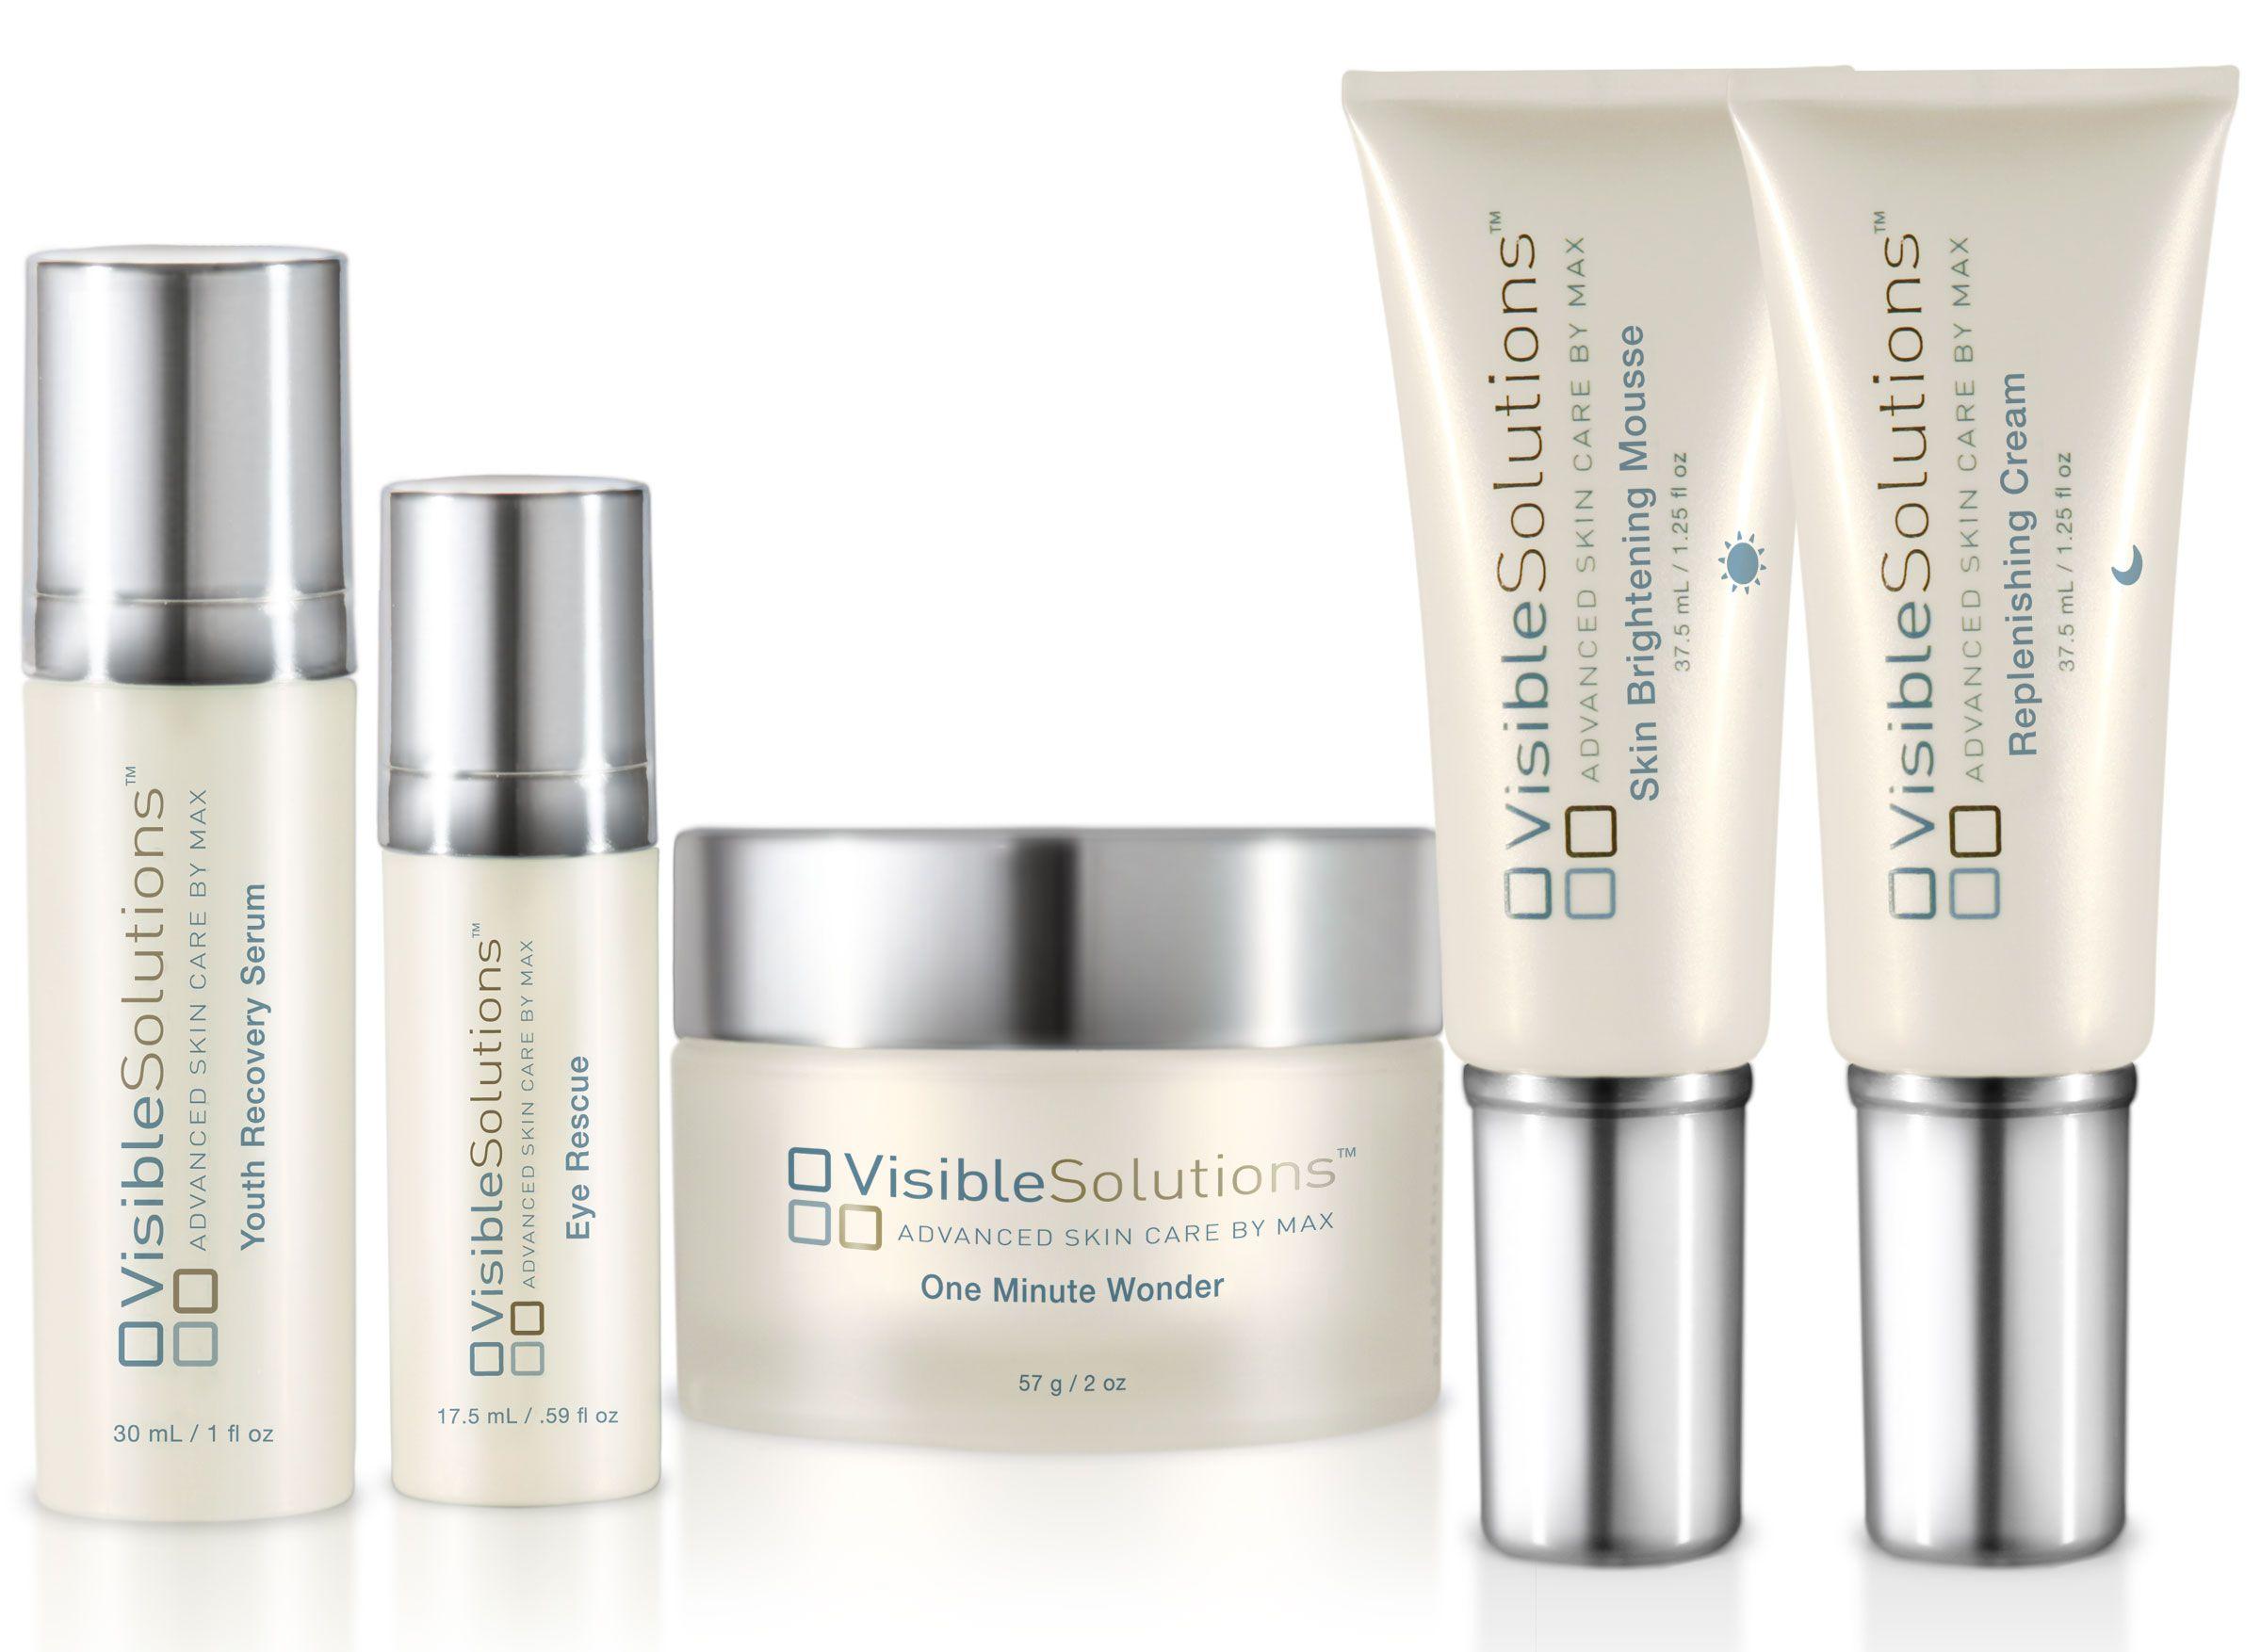 Maxgxl S Amazing Skin Care Line Www 366798 Maxgxl Com Skin Care Advanced Skin Care Clear Smooth Skin